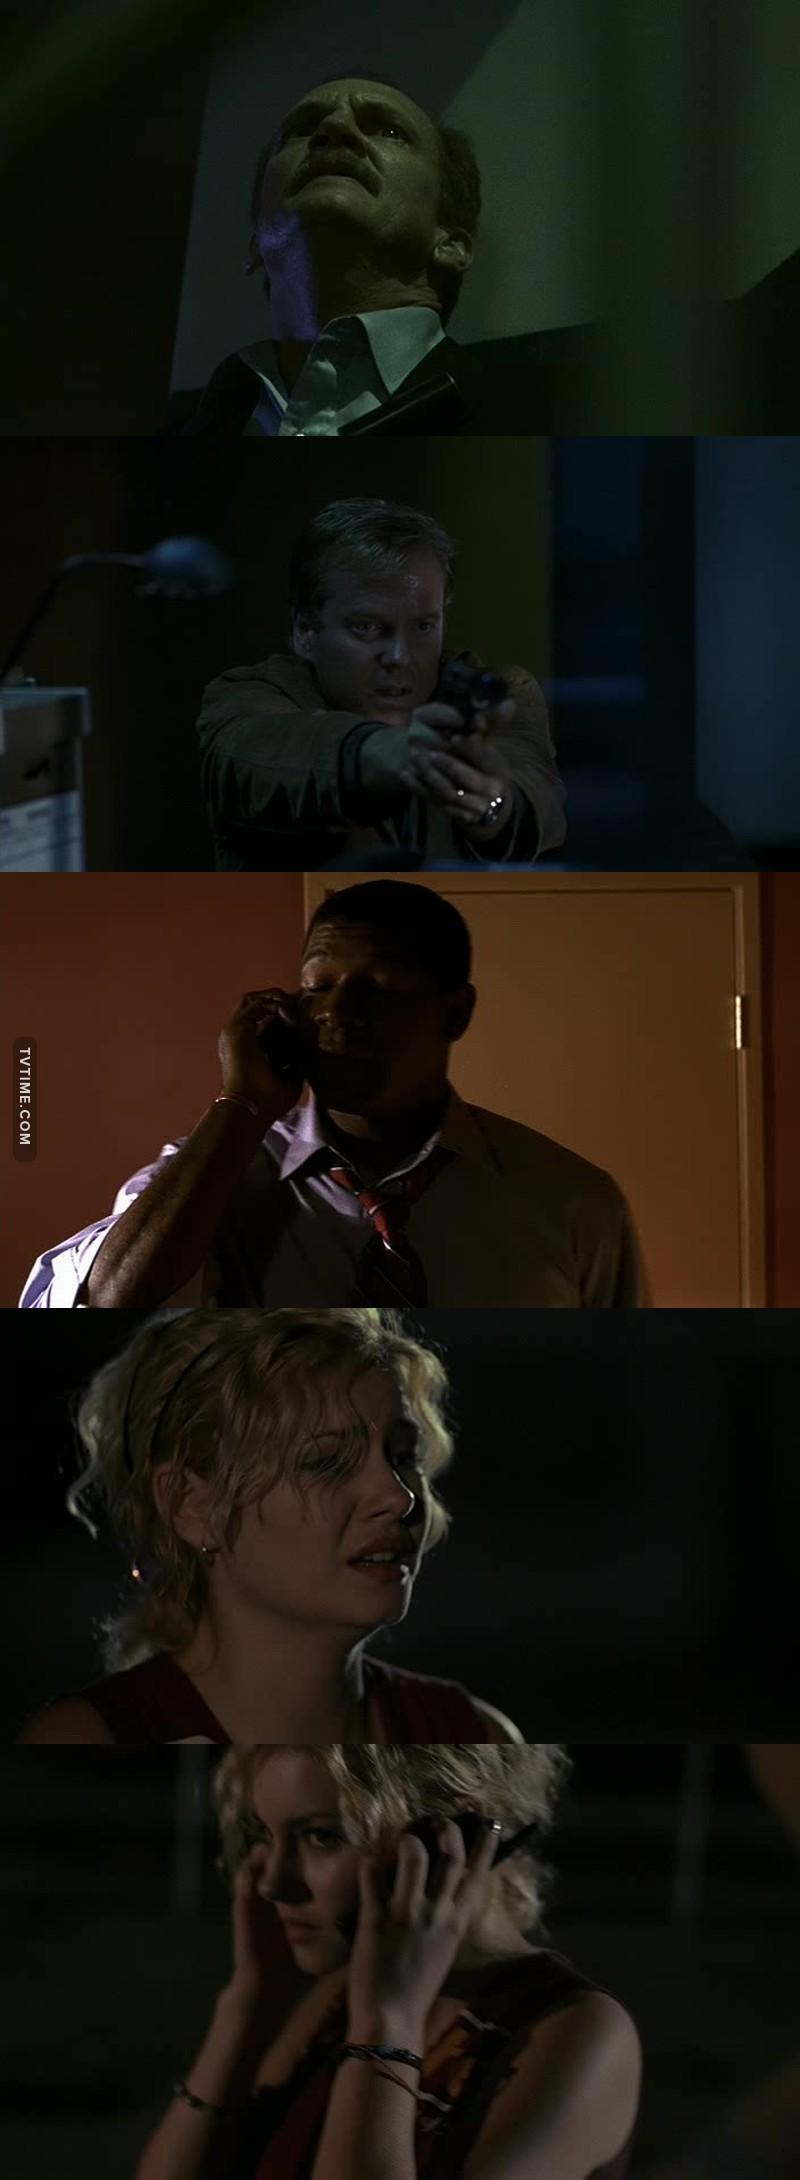 Un espion au sein de l'agence et une tentative de meurtre, je pense que sa n' est pas une coinssidence. Et pauvre Kim qui est mal tombé avec ses gars là.